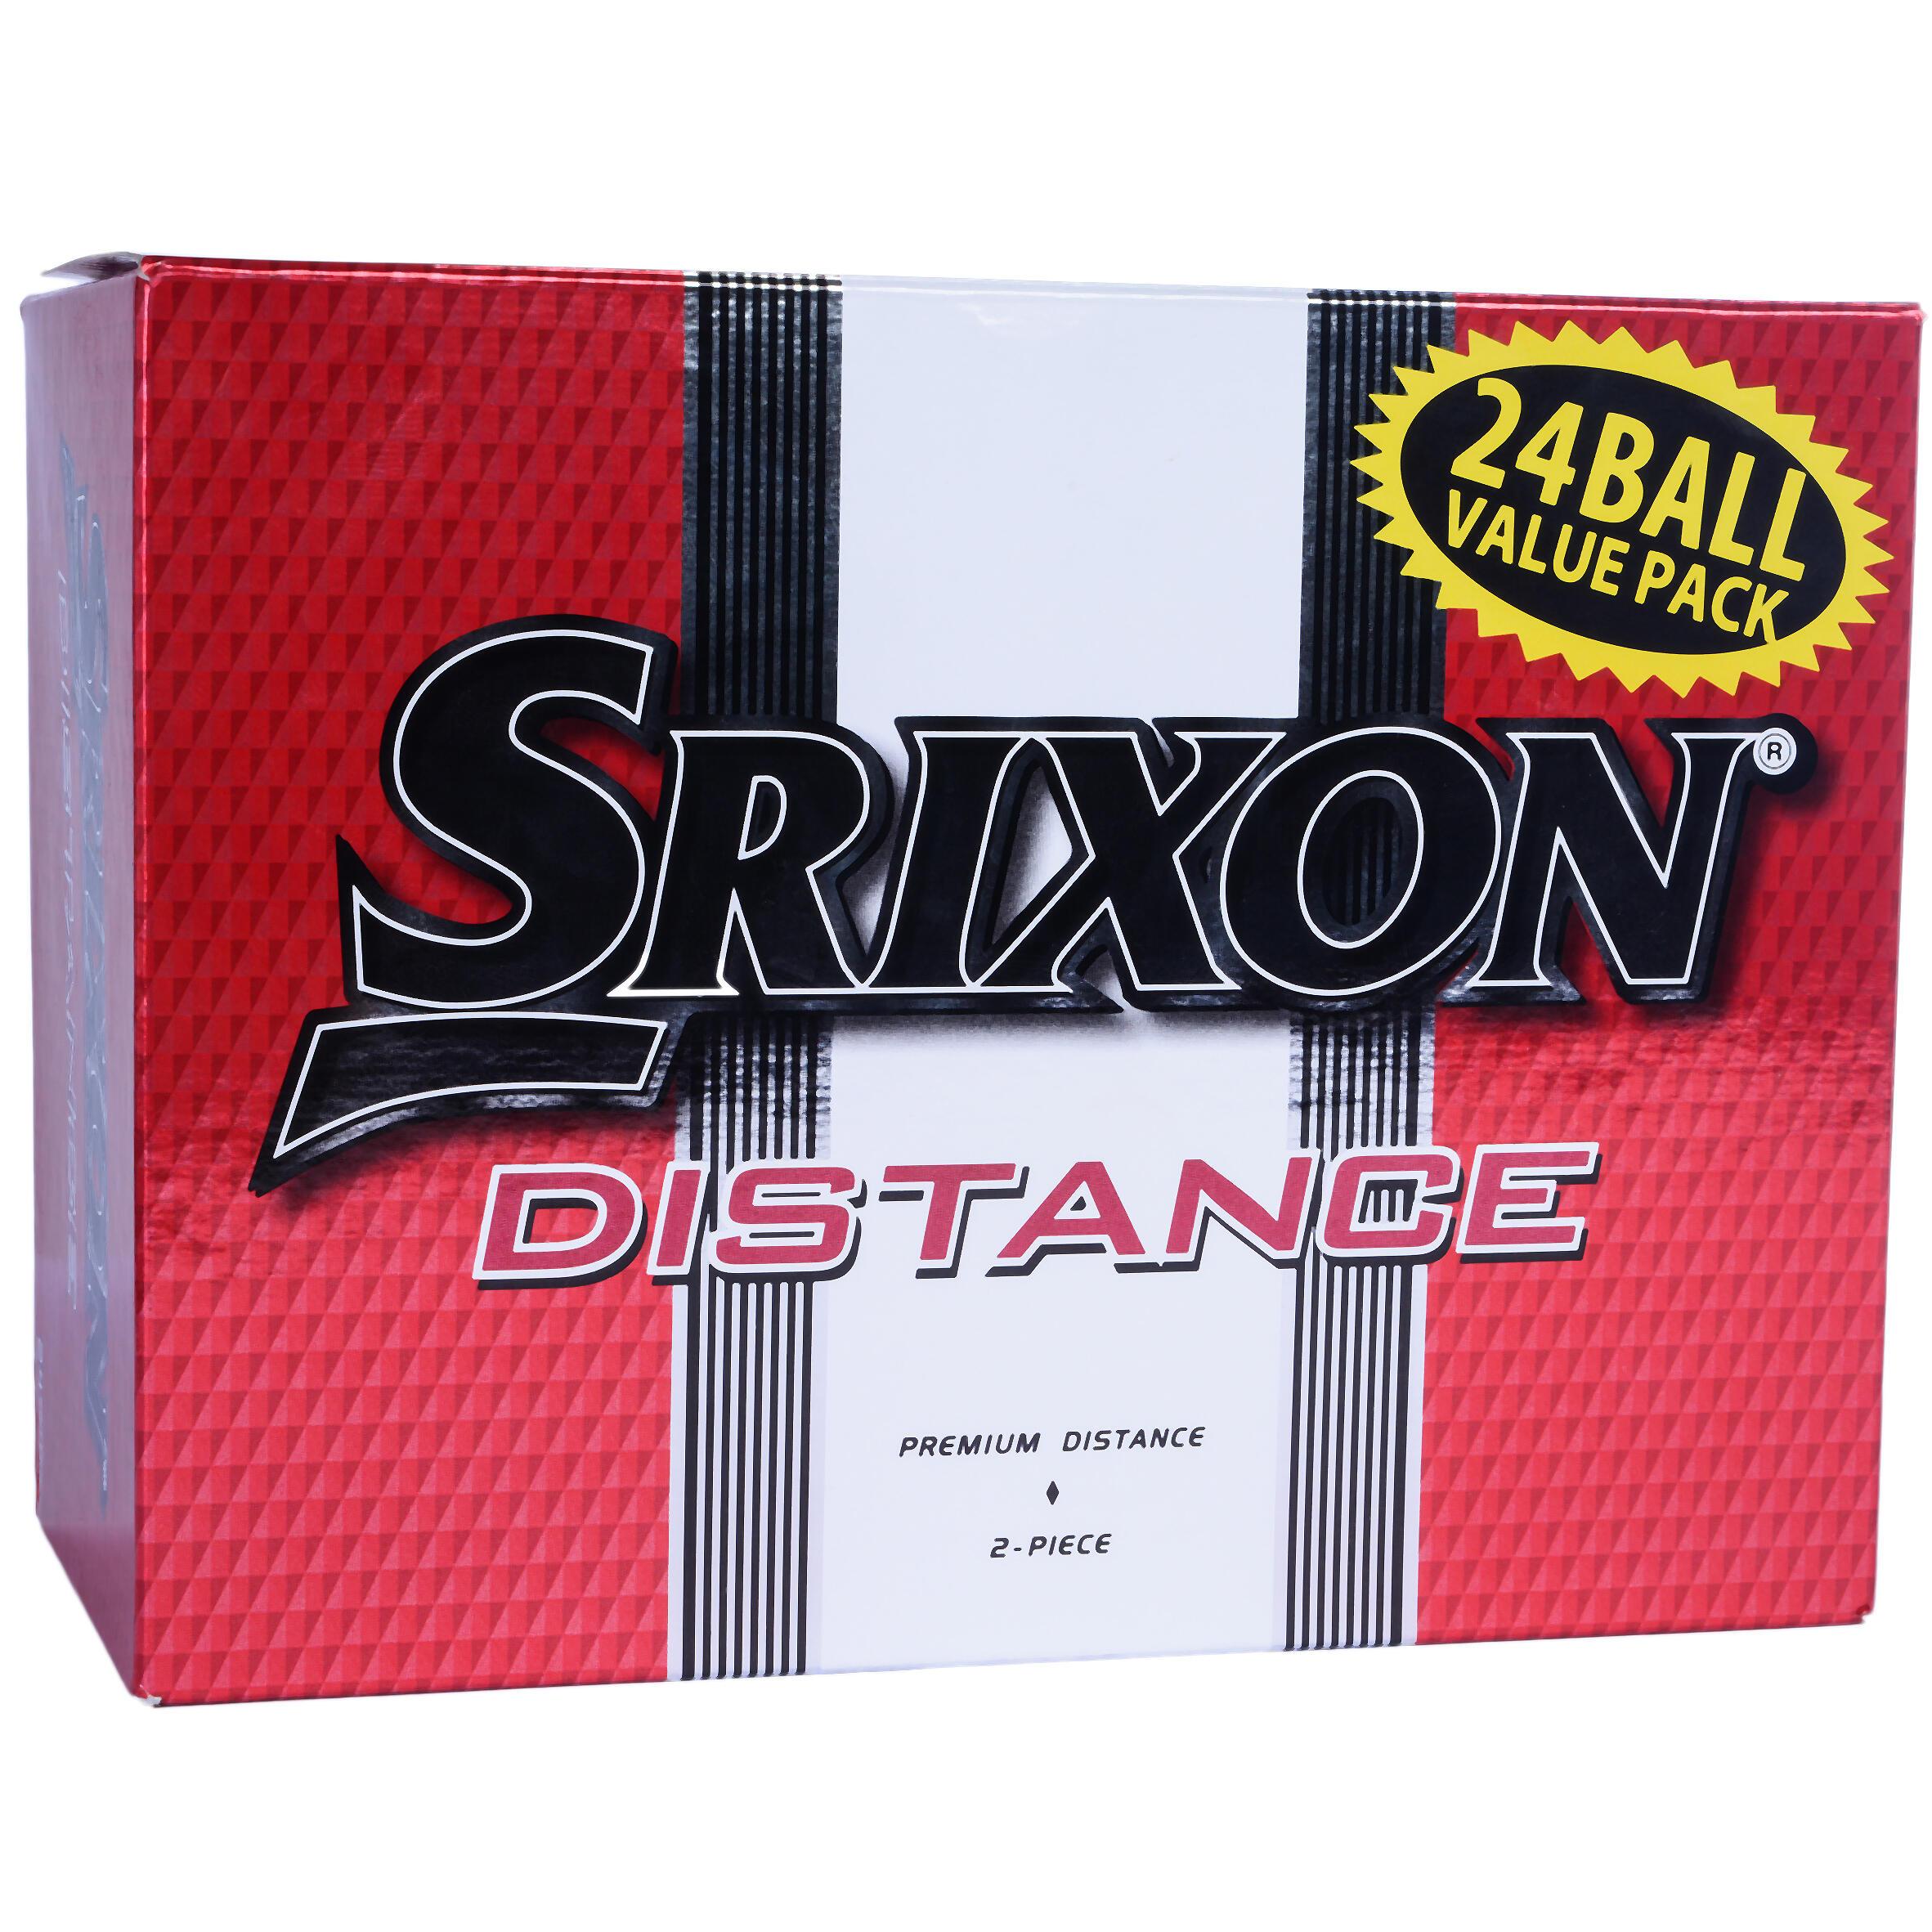 Golfballen Distance dubbelpak x24